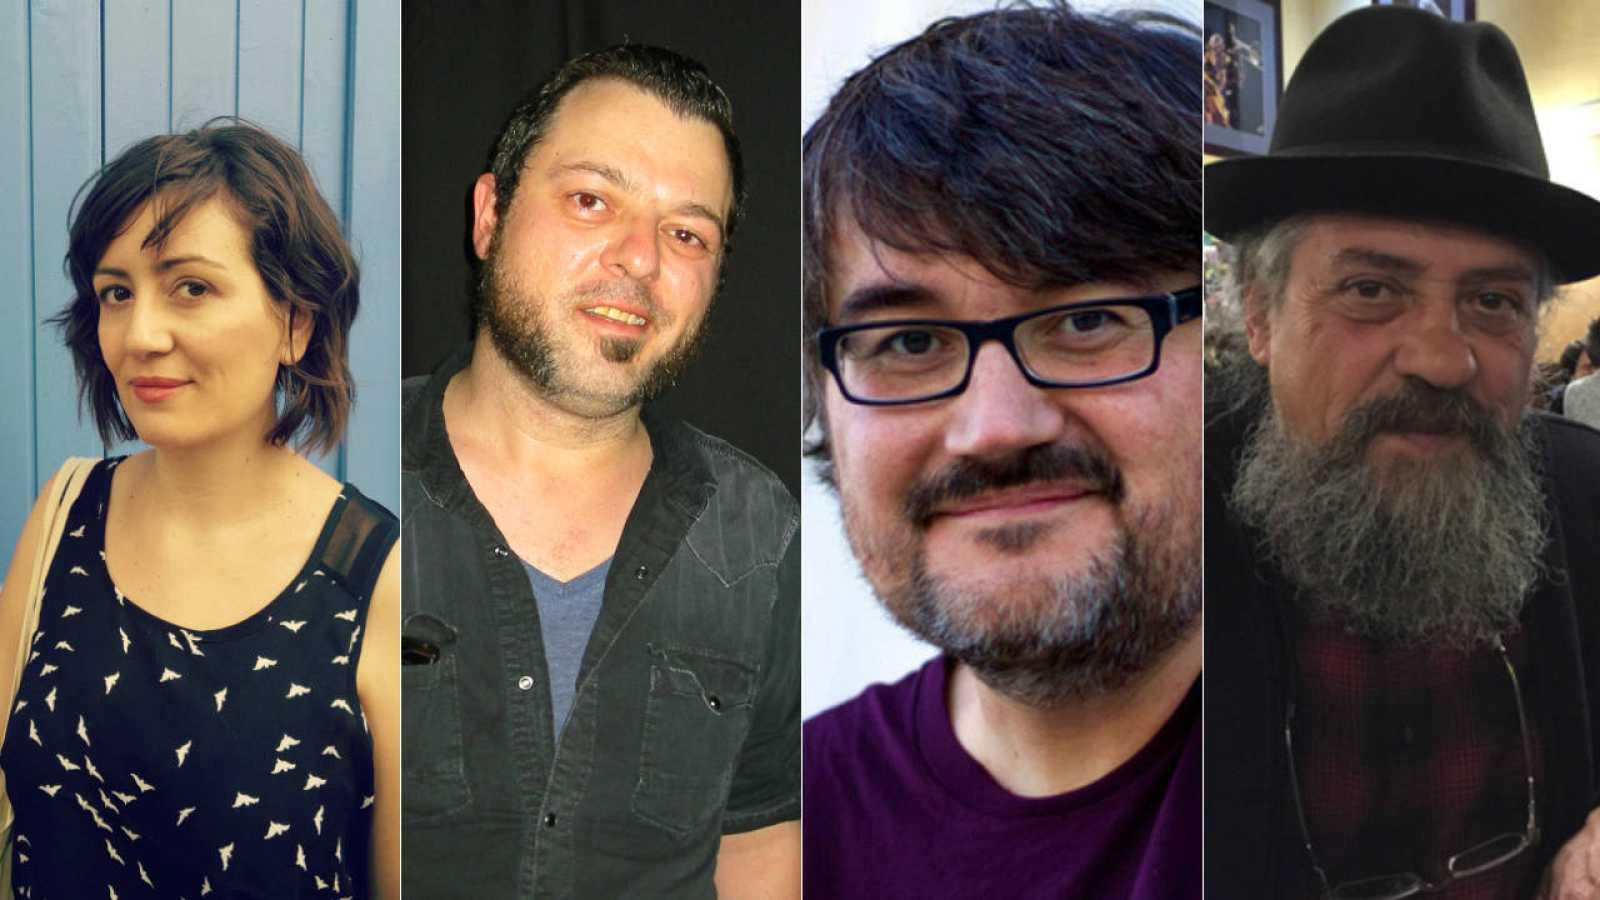 Ana Galvañ, David Rubín, Santiago García y Francesc Capdevilla 'Max', conversarán sobre cómics en Cultura16